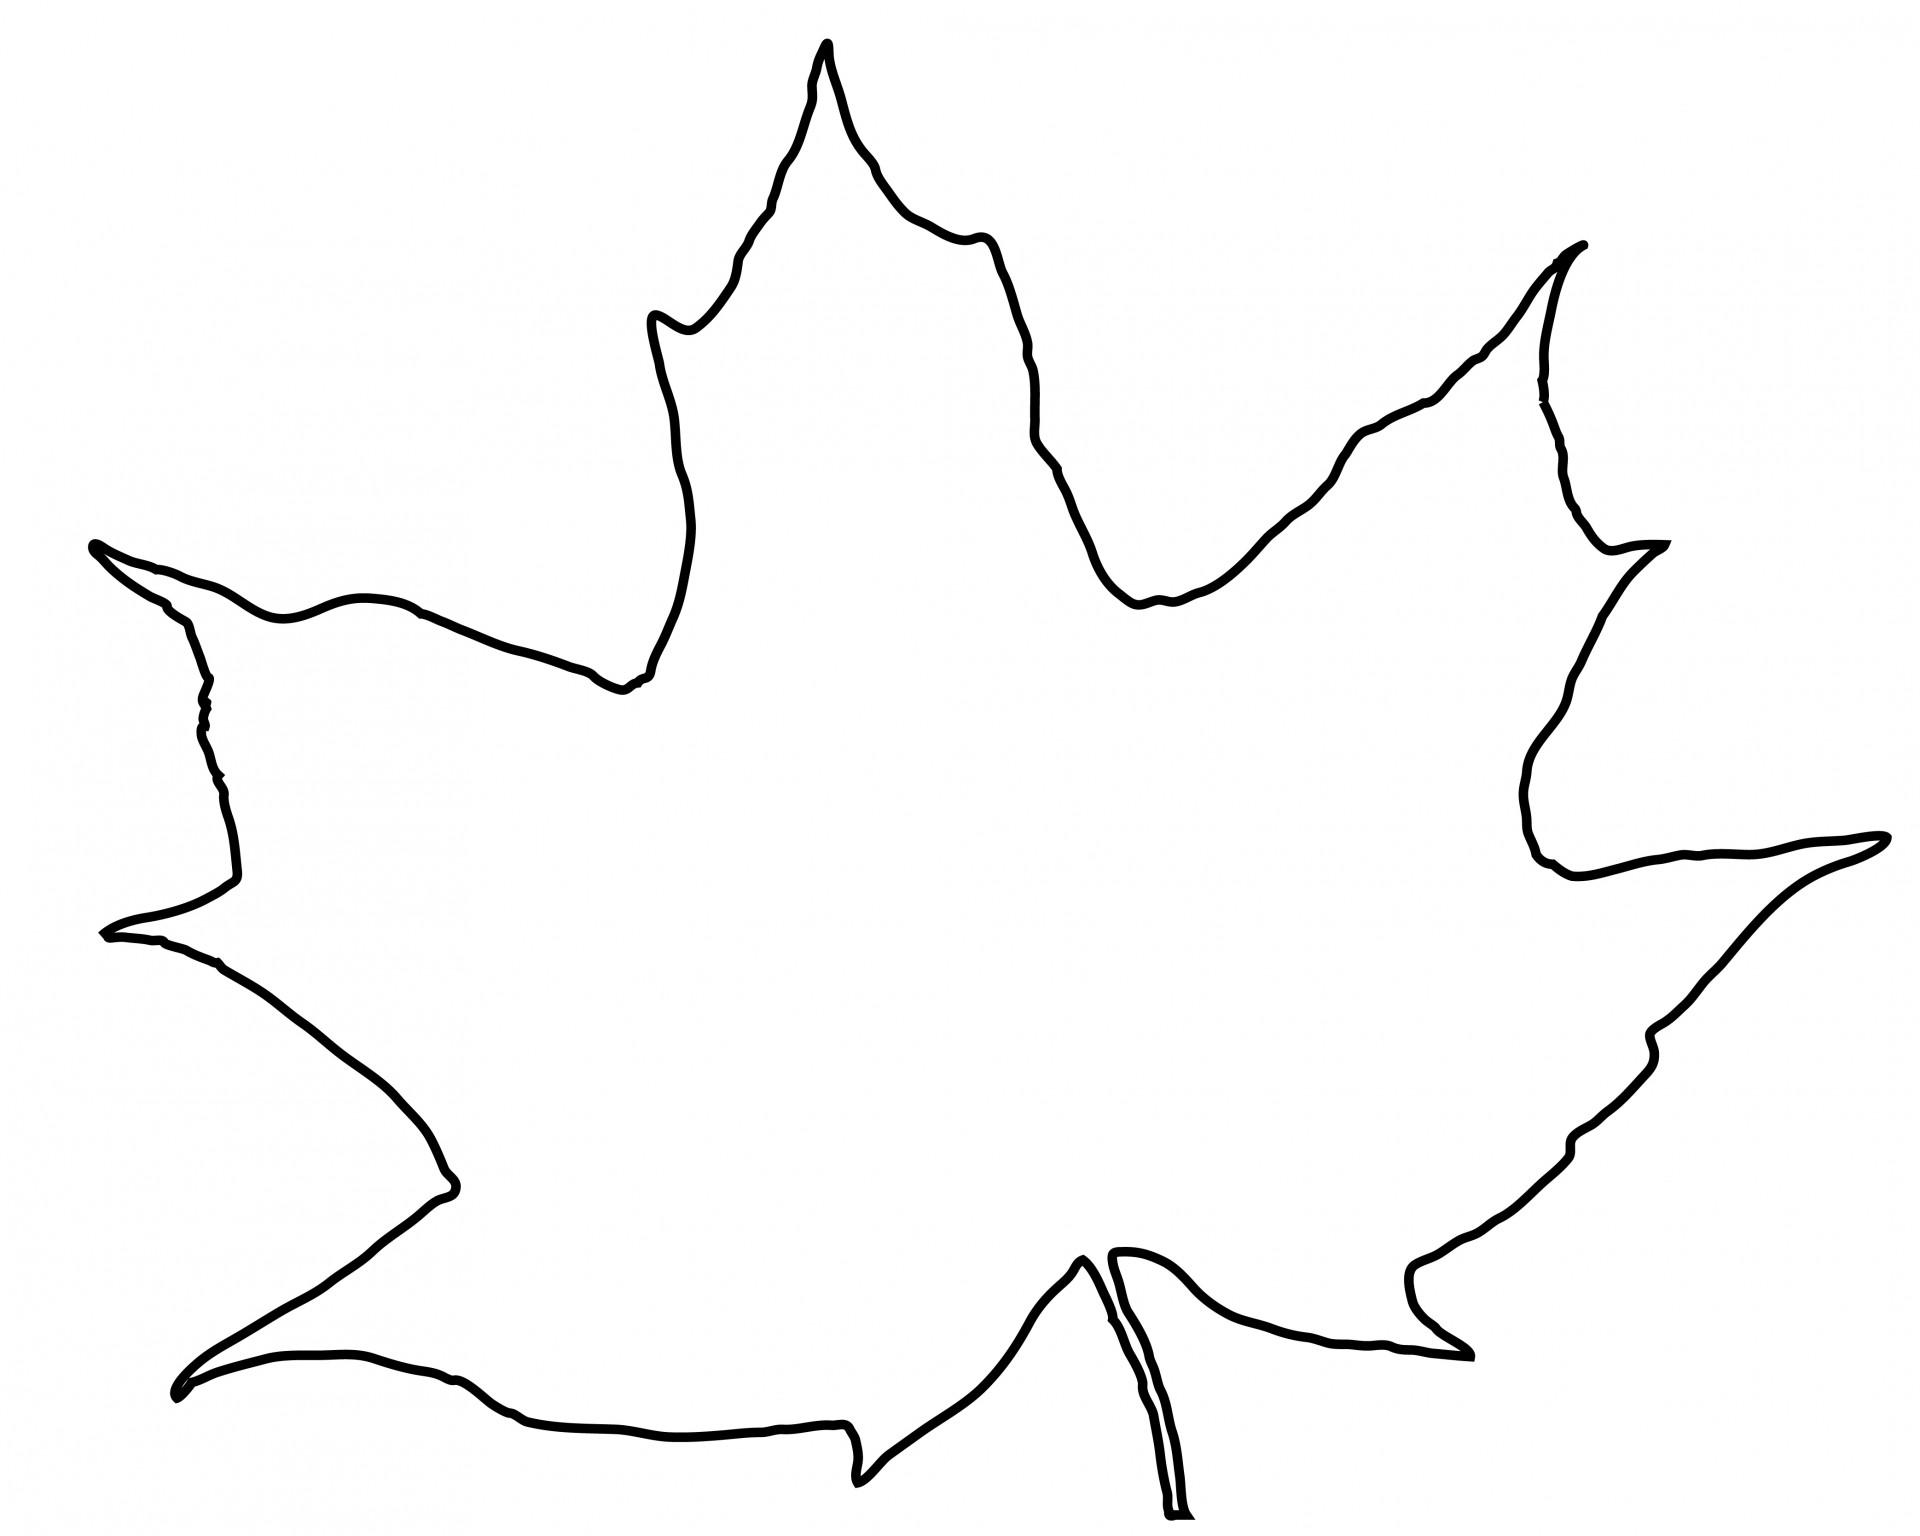 1920x1536 Leaf Outline Free S - Leaf Outline Images